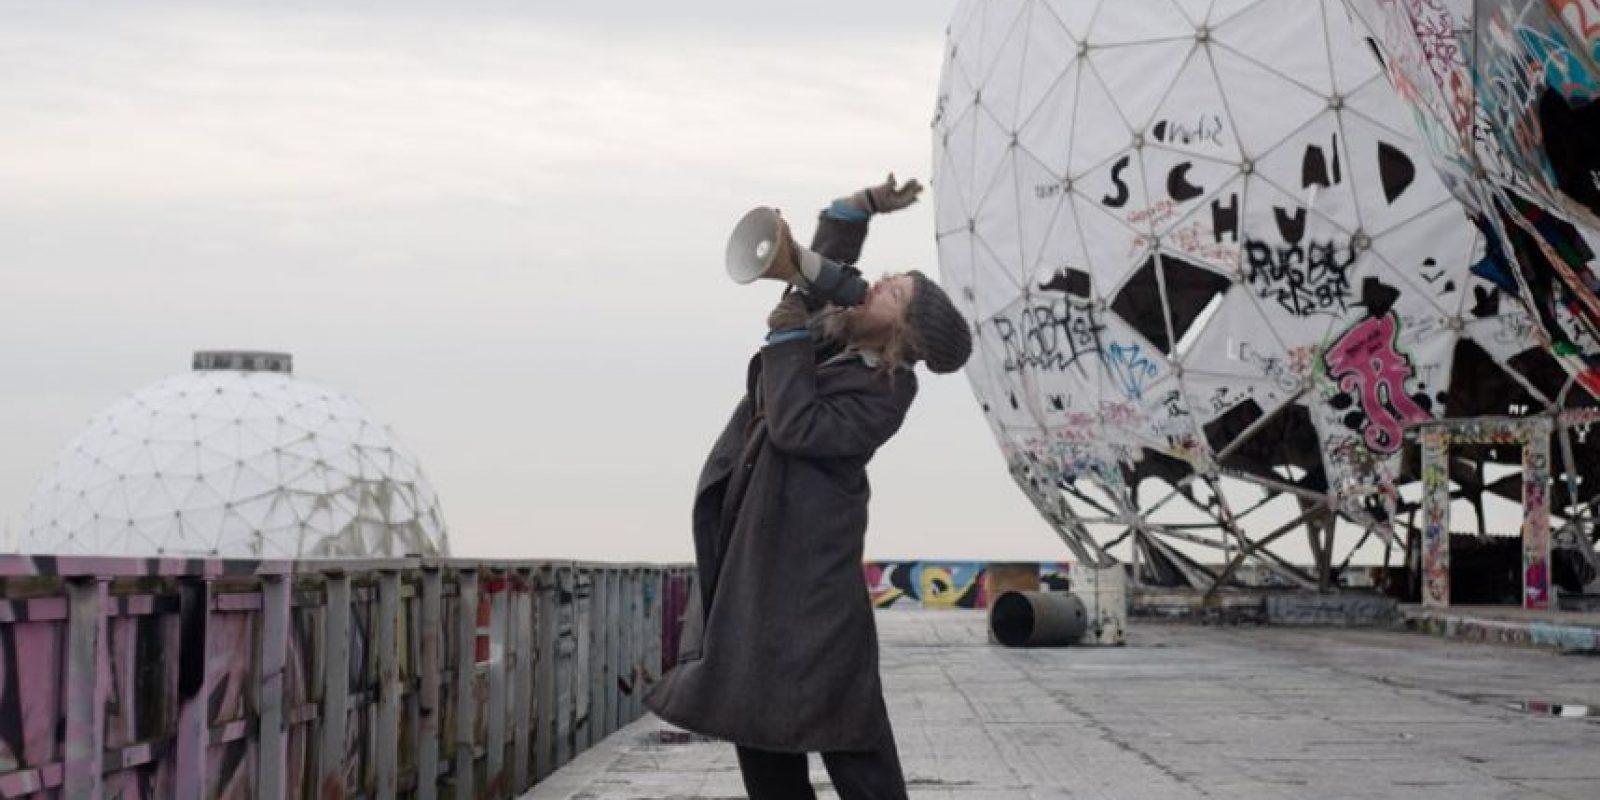 """Cate Blanchett es la verdadera estrella detrás de este """"hombre de la calle"""". Foto:vía acmi.net.au"""